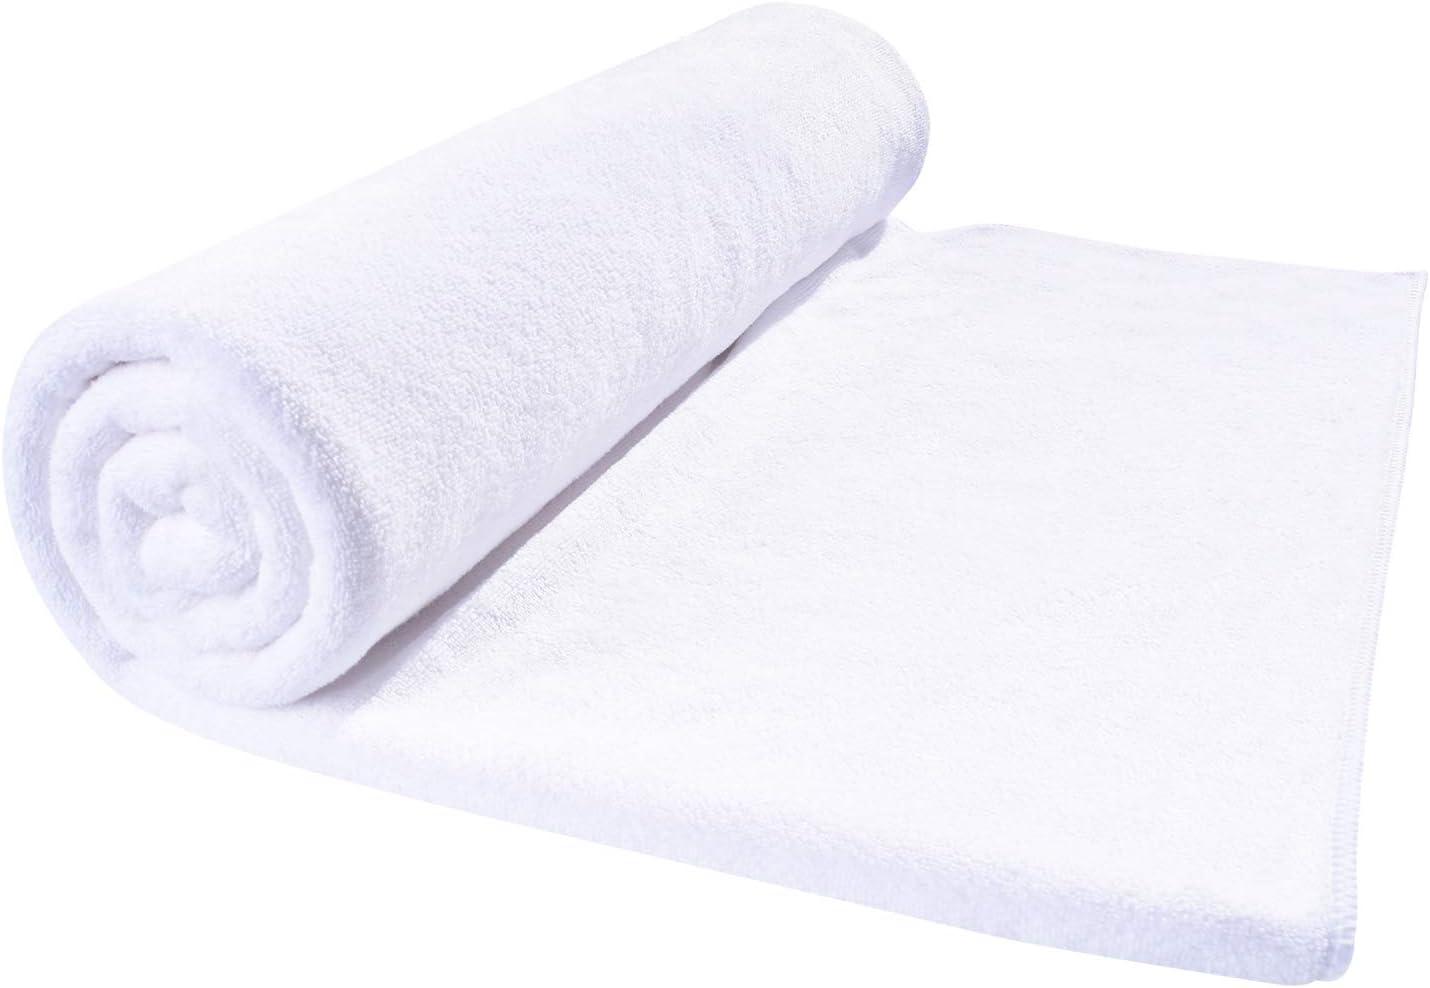 ASDFG Toallas,Microfibra Lavar Toallas,Suaves De Secado R/ápido Altamente Absorbentes Multiusos Toallas,Piscina Gimnasio Toallas